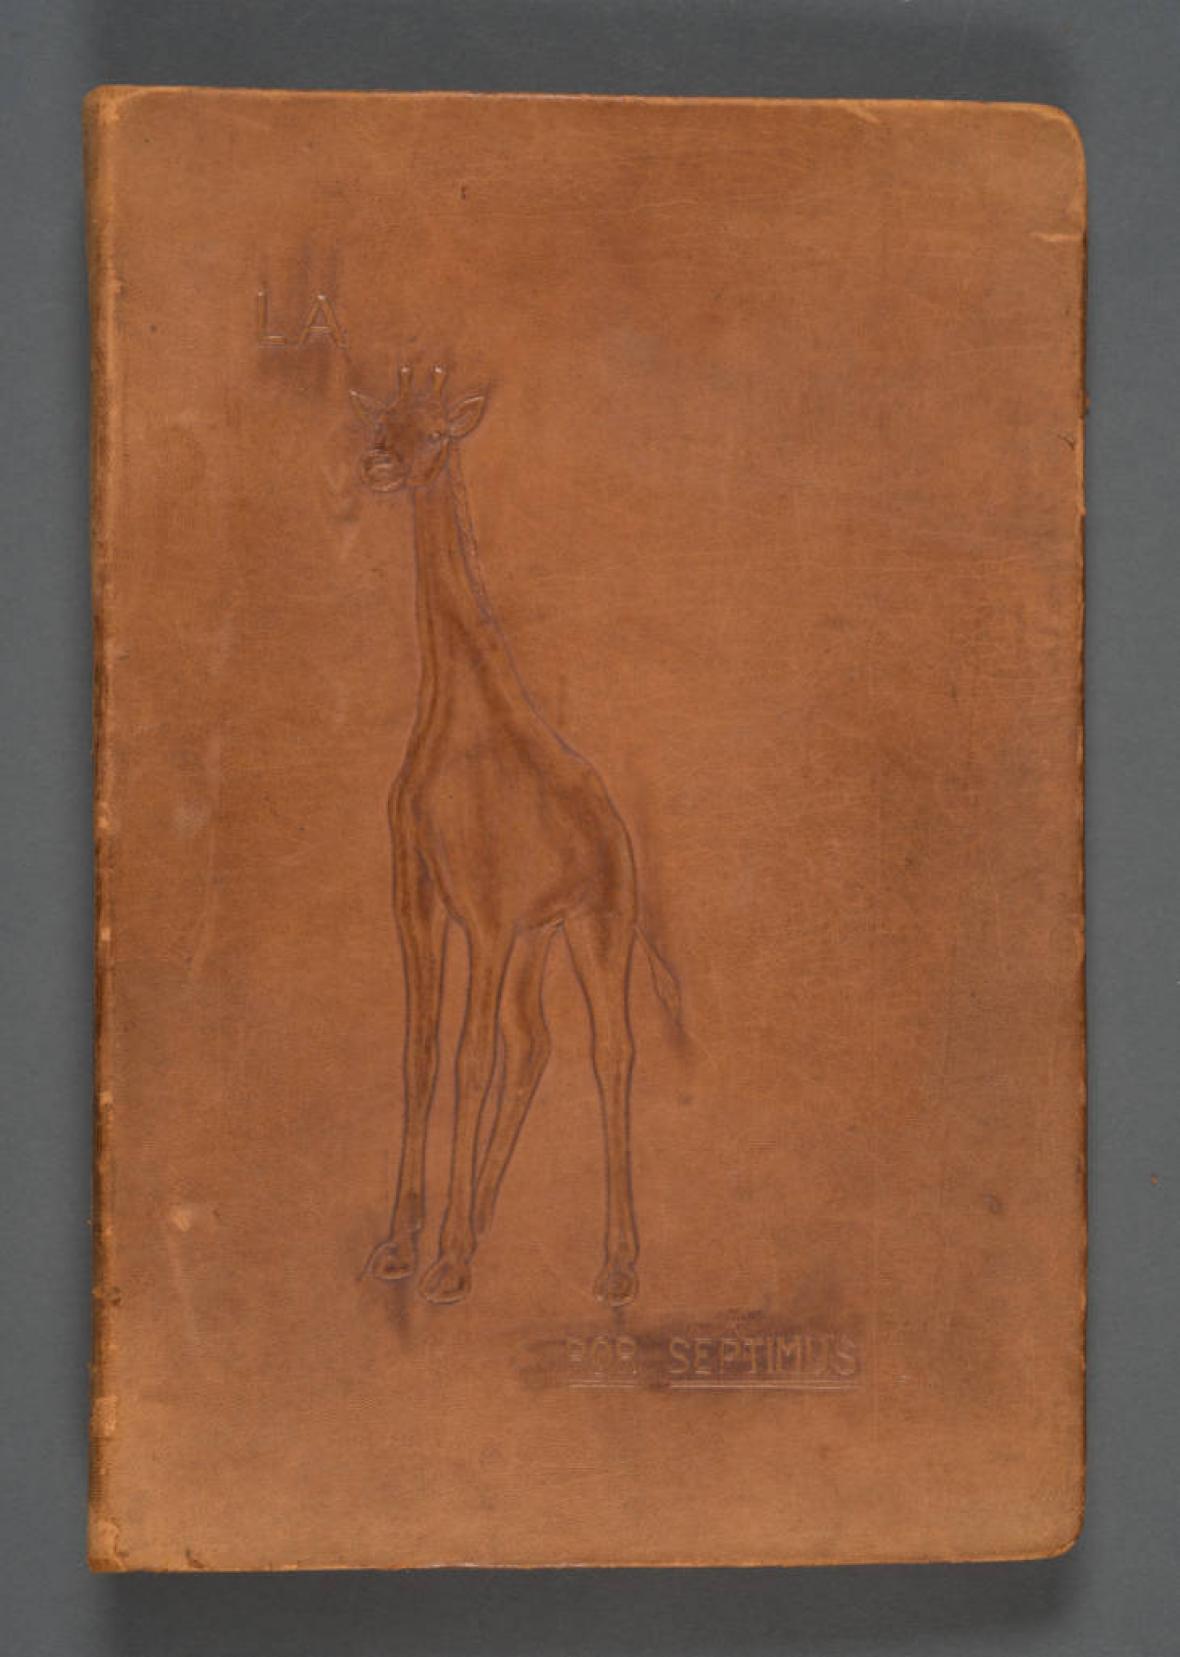 La Jirafa, por 'Septimus' (álbum de recortes).